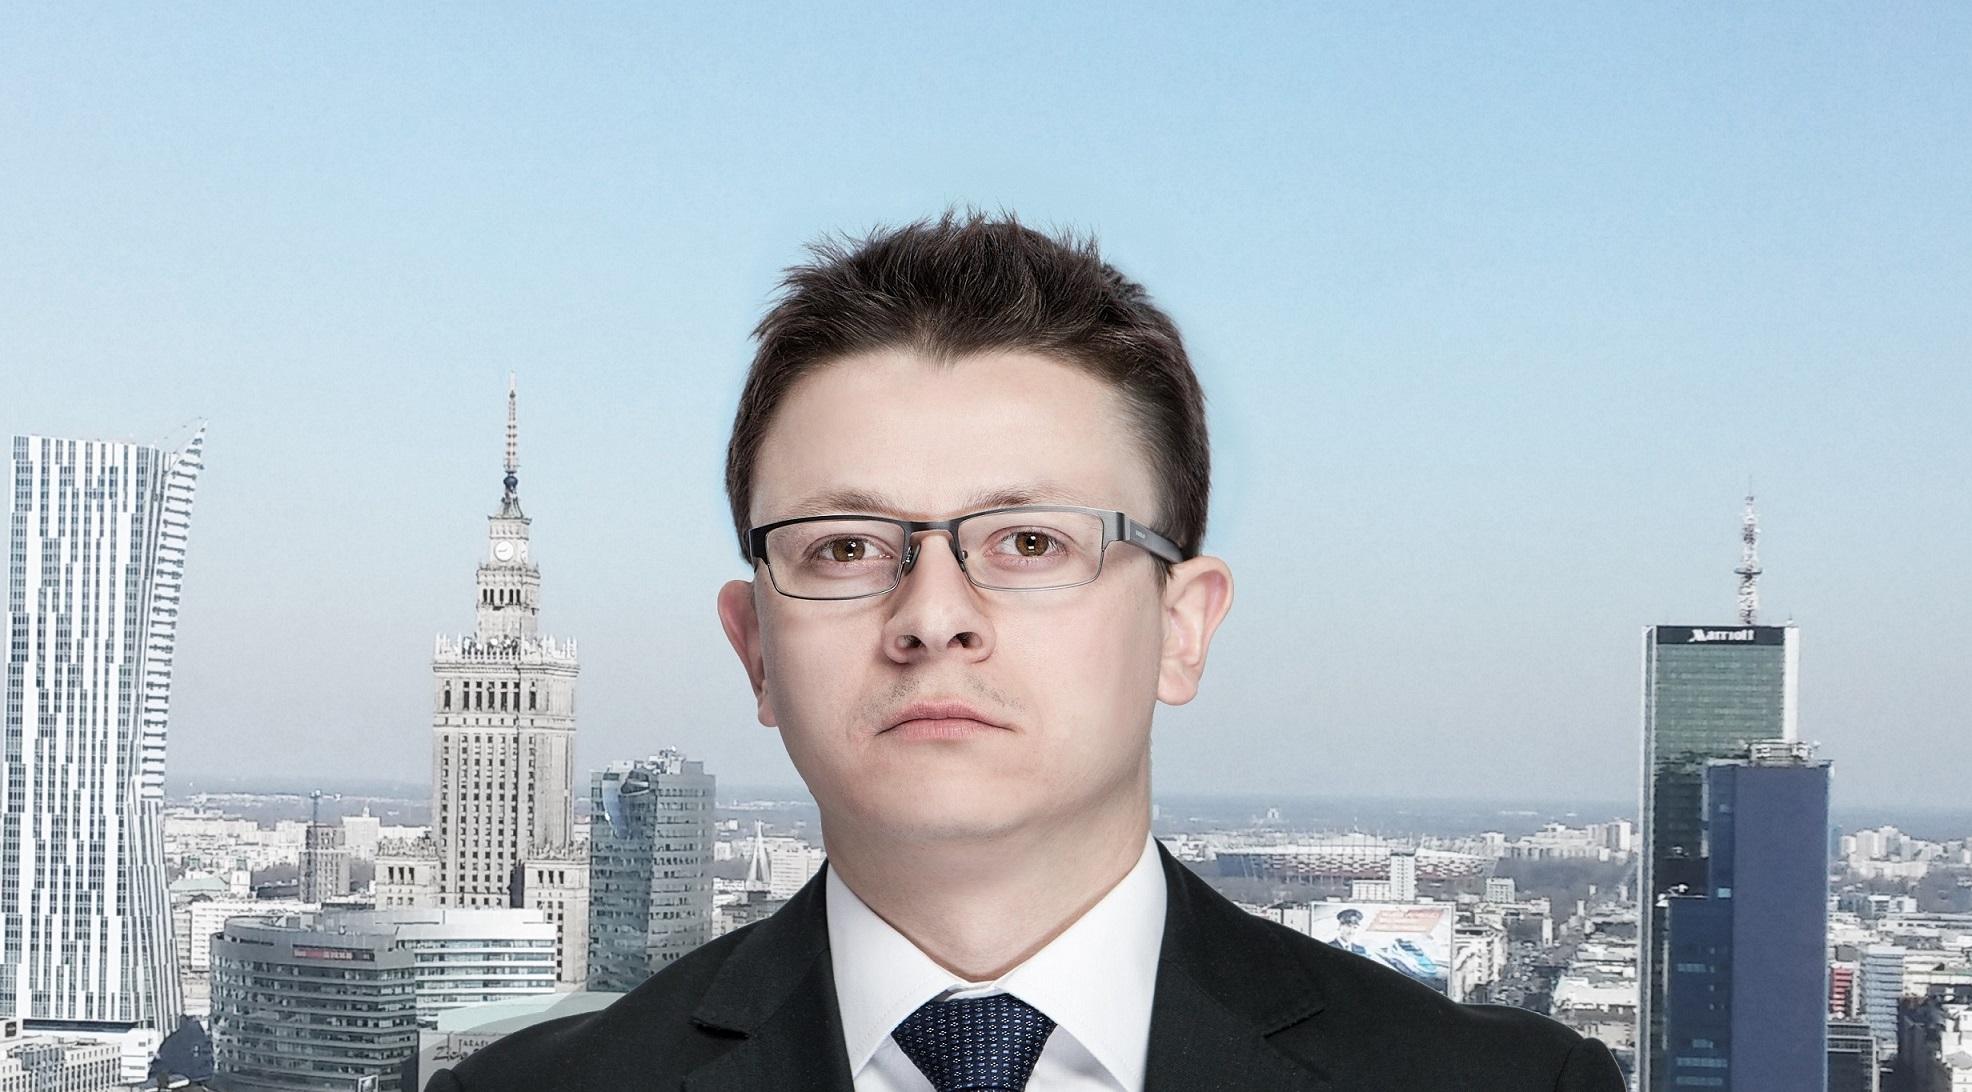 Piotr Lonczak, Cinkciarz.pl analyst